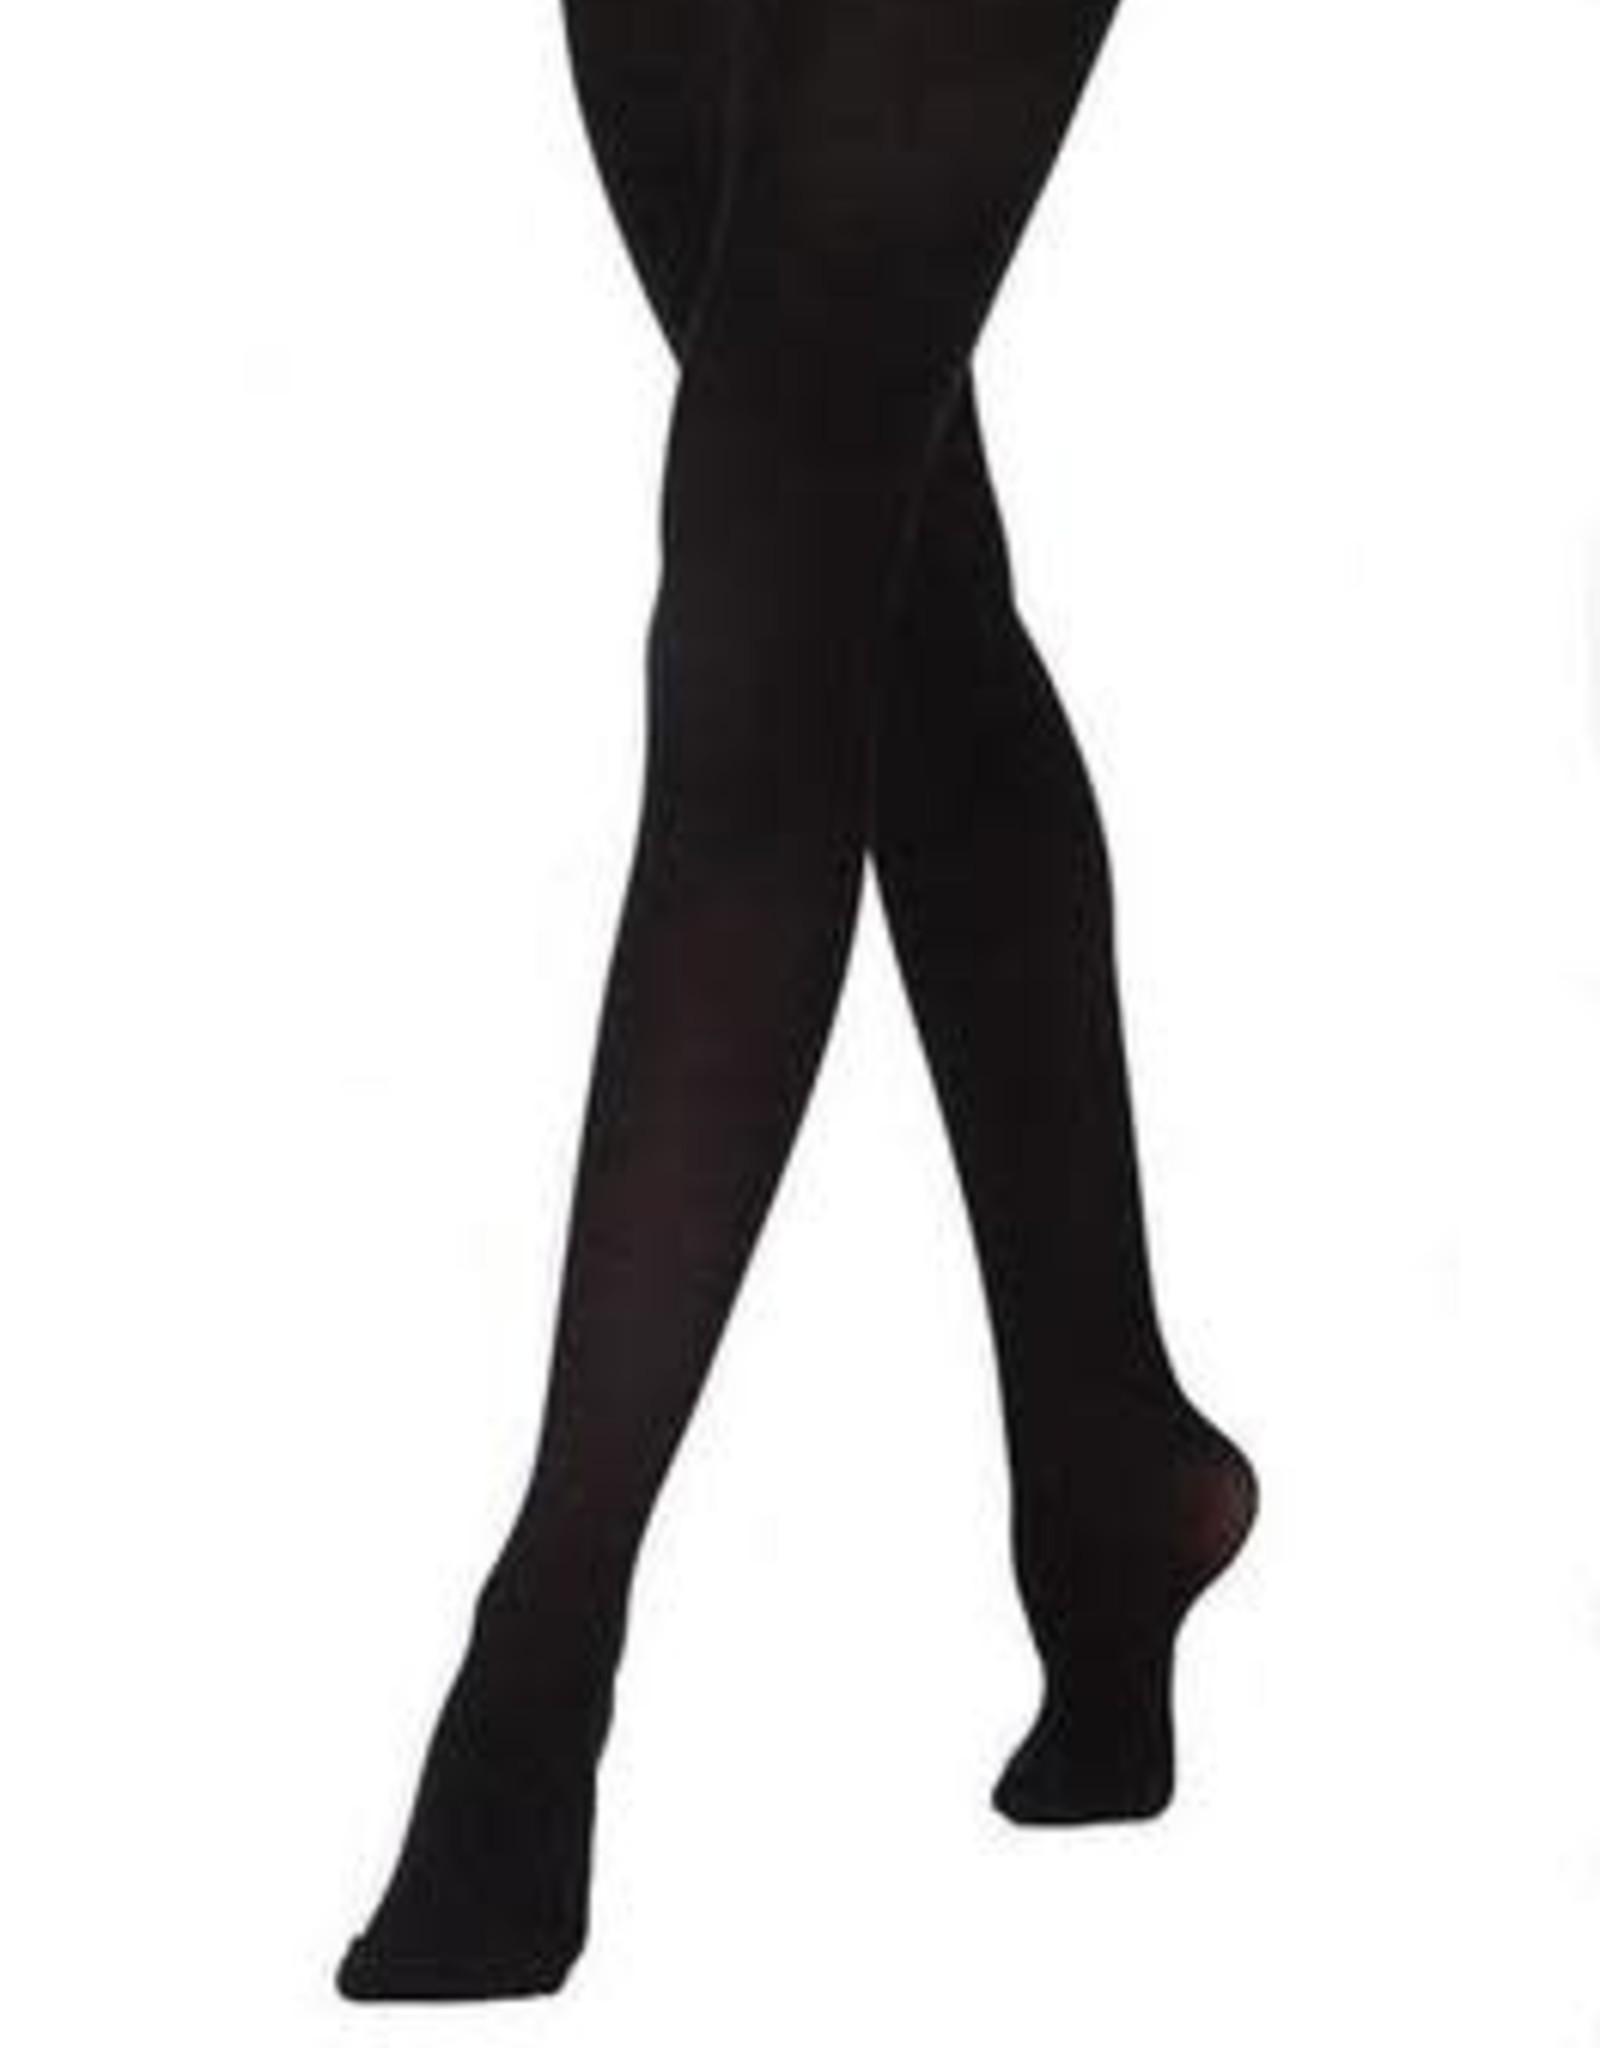 Panty's 3371 Black JR